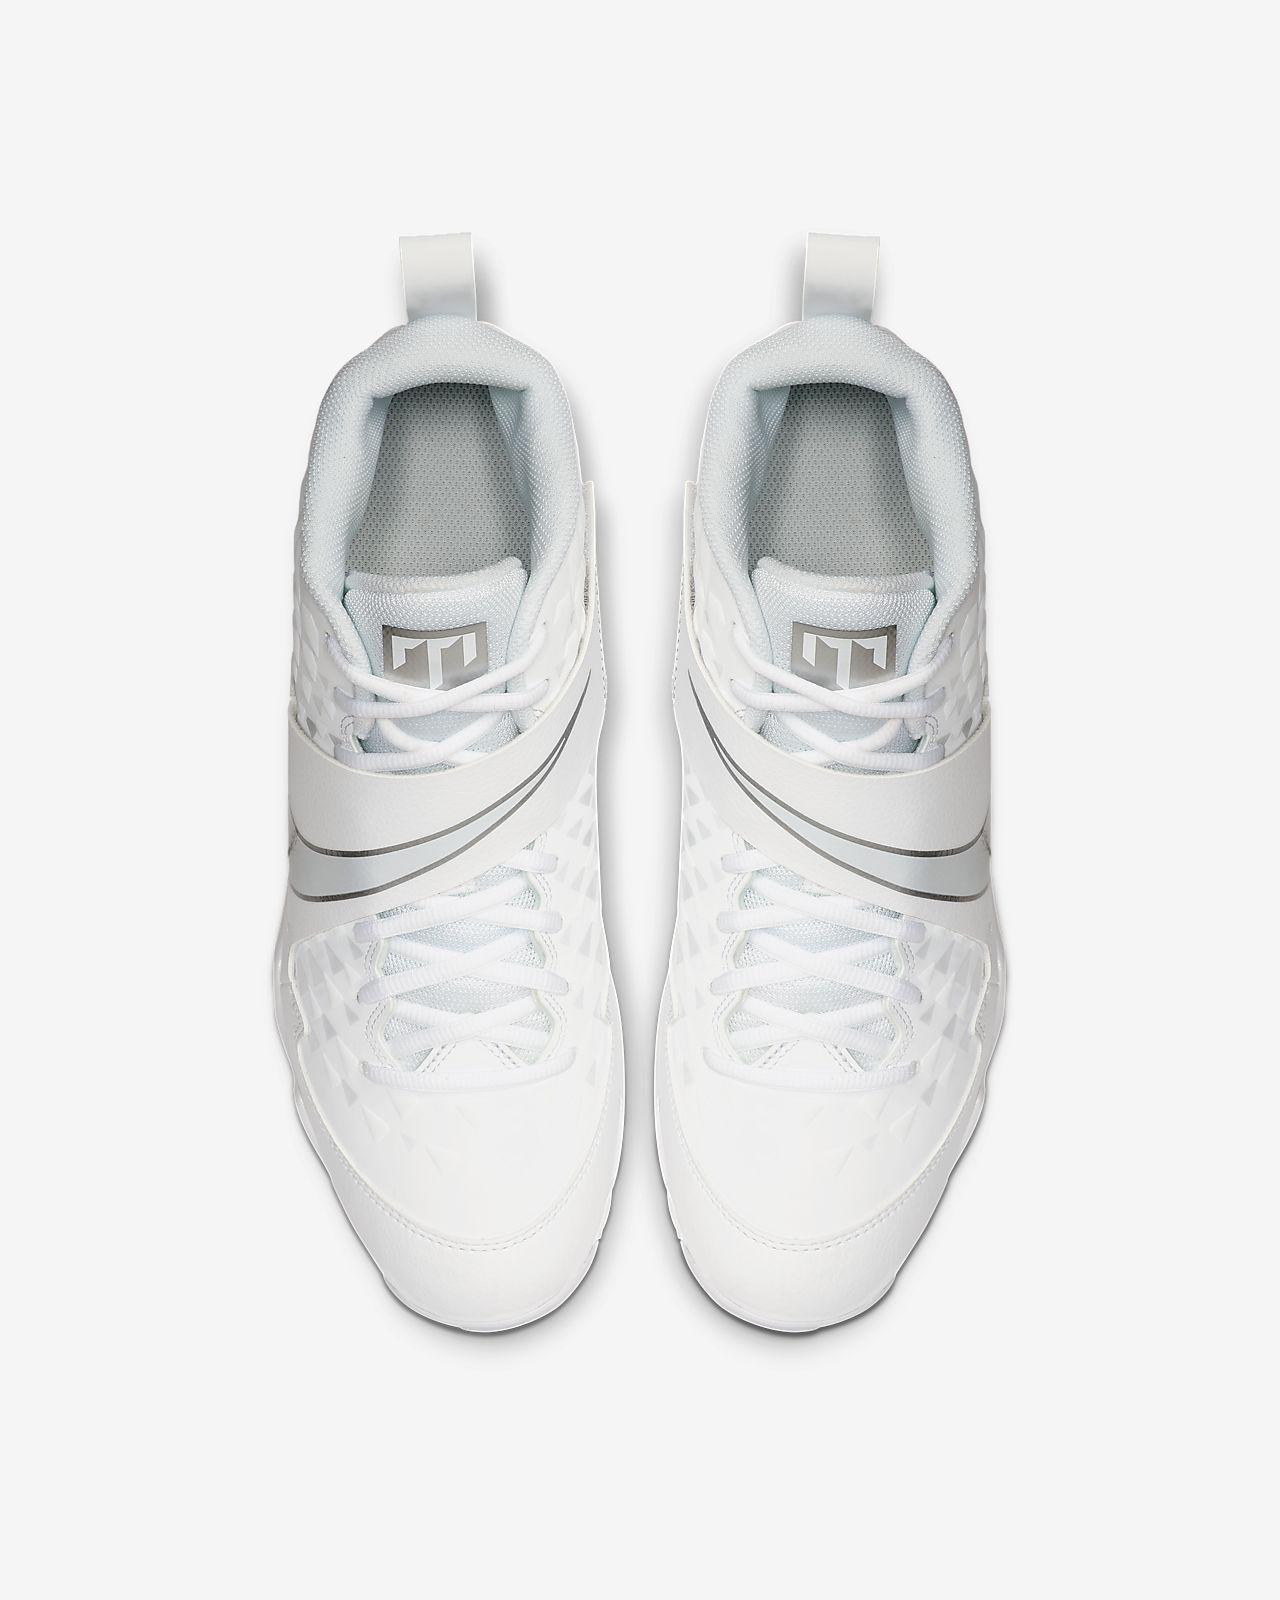 Nike Force Zoom Trout 6 Keystone Men's